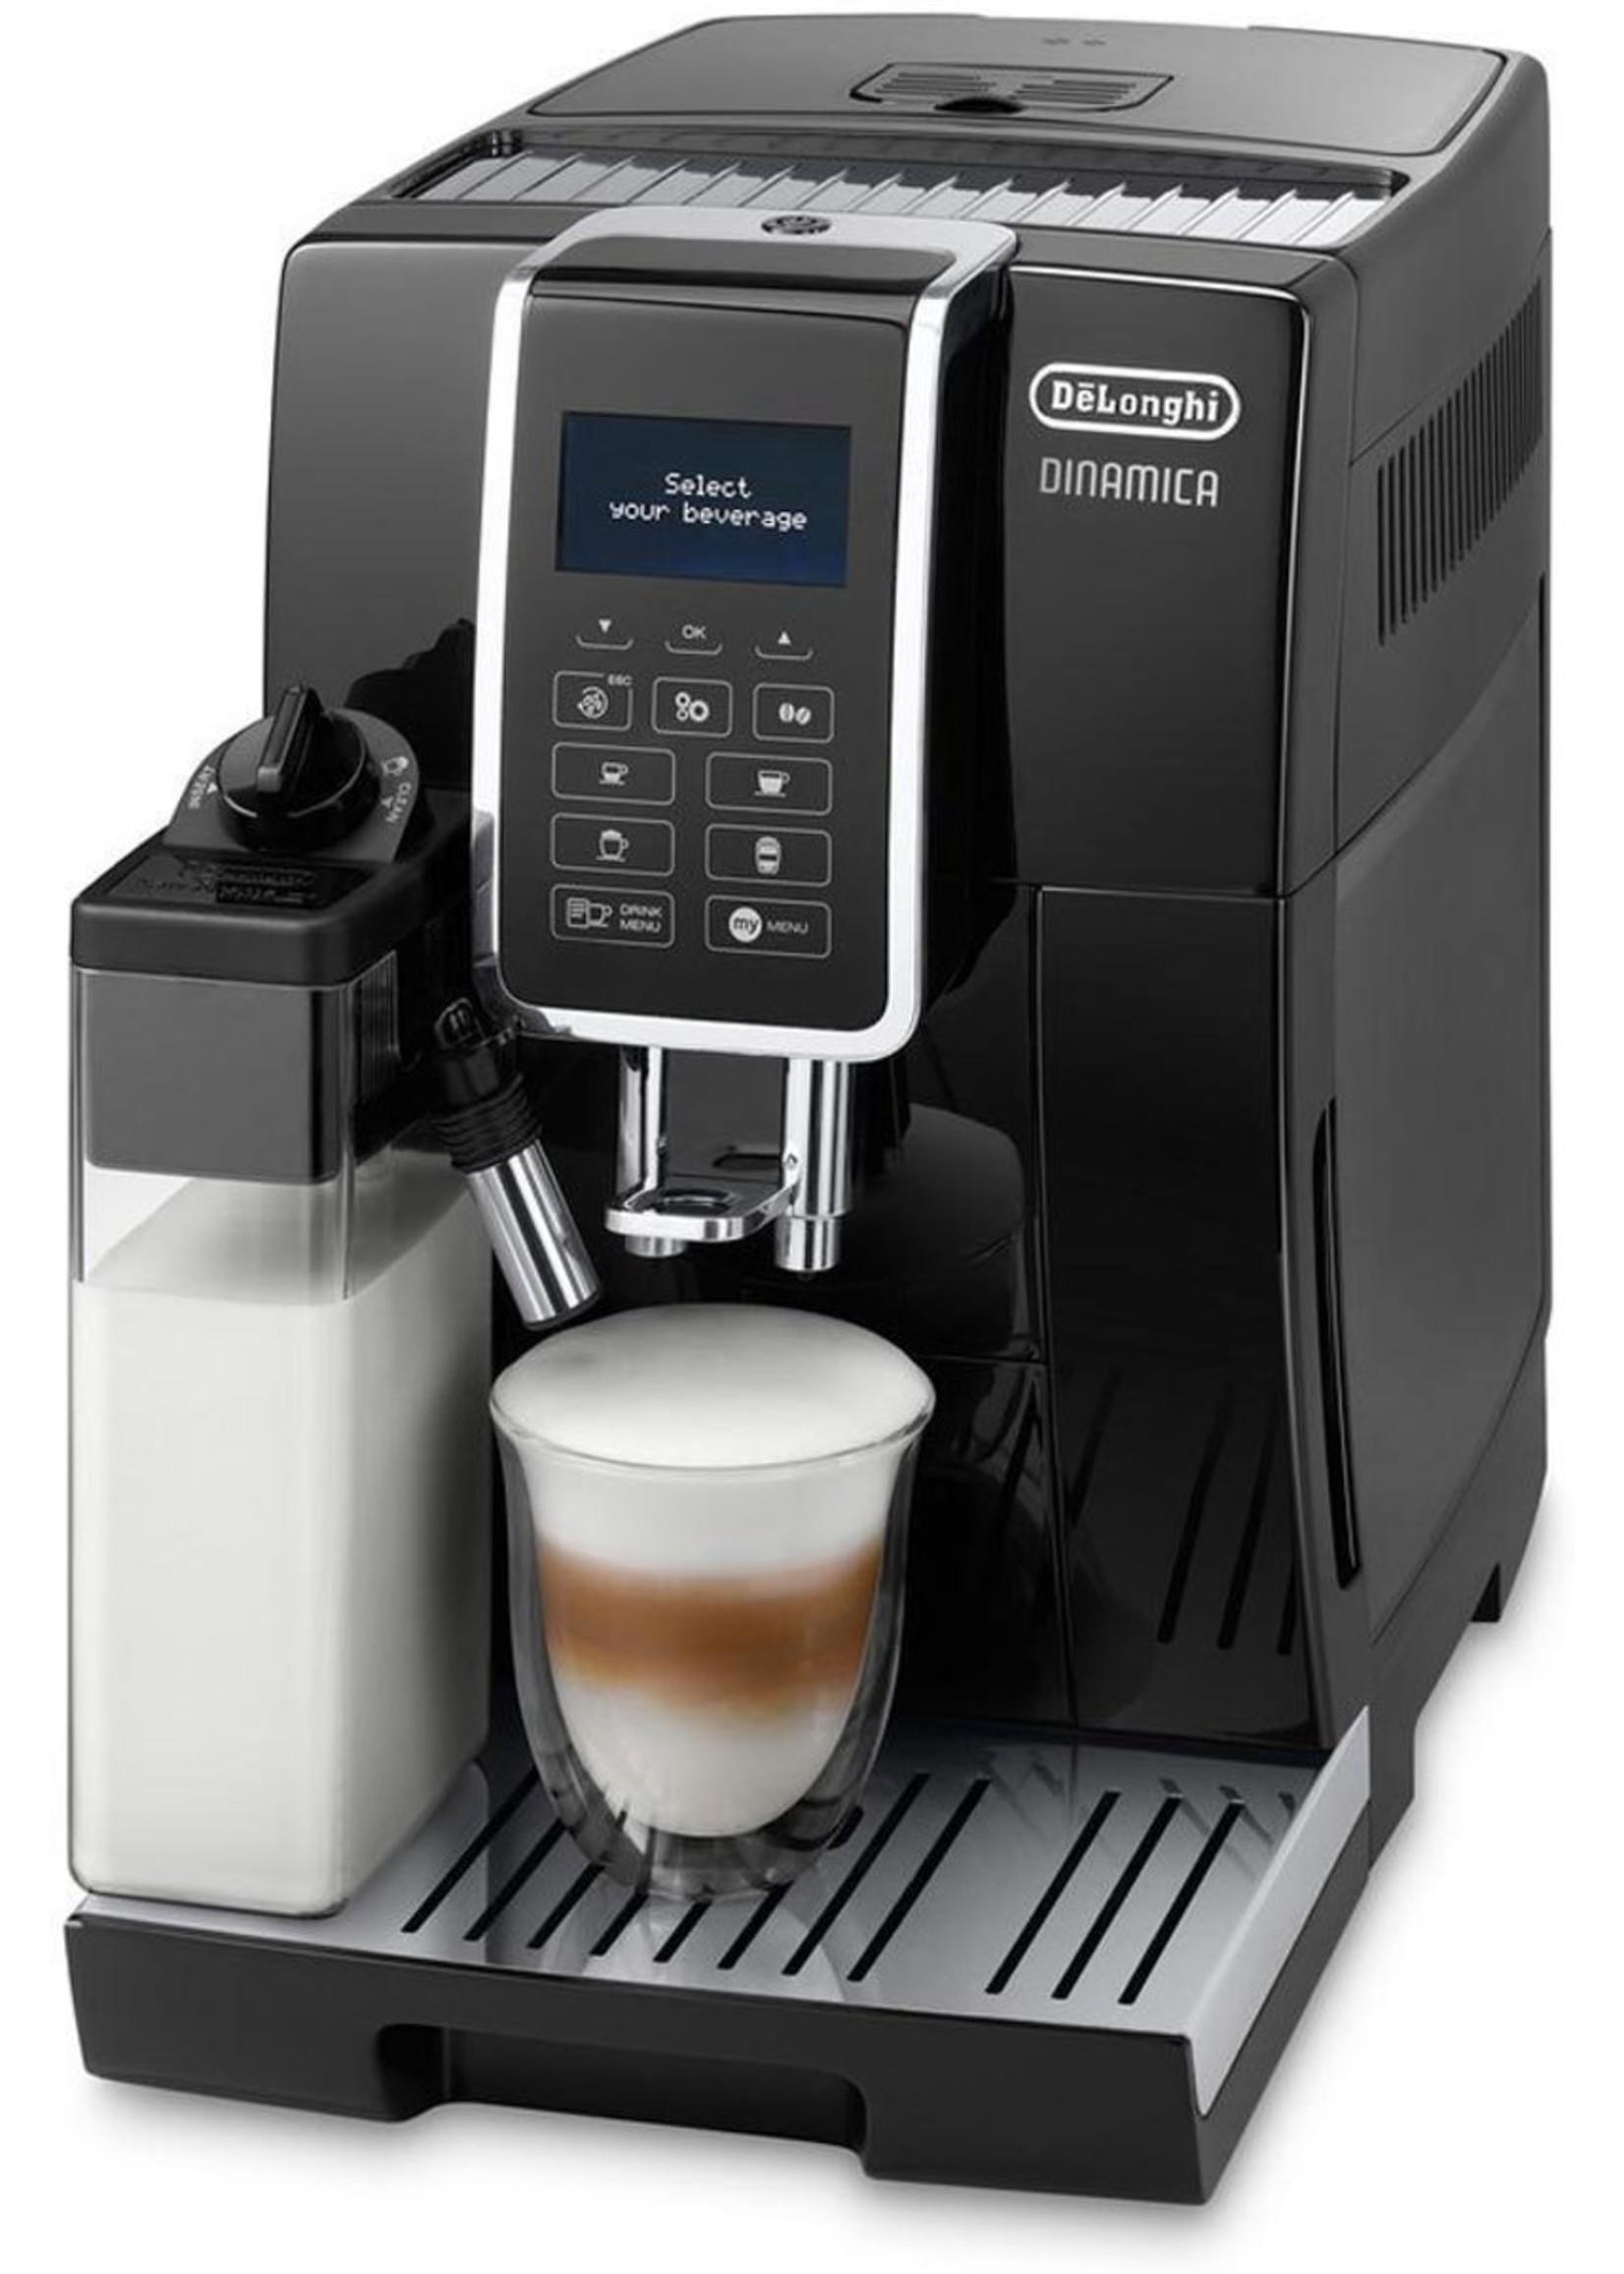 DeLonghi DeLonghi ECAM 350.55.B Dinamica Espressomachine Zwart